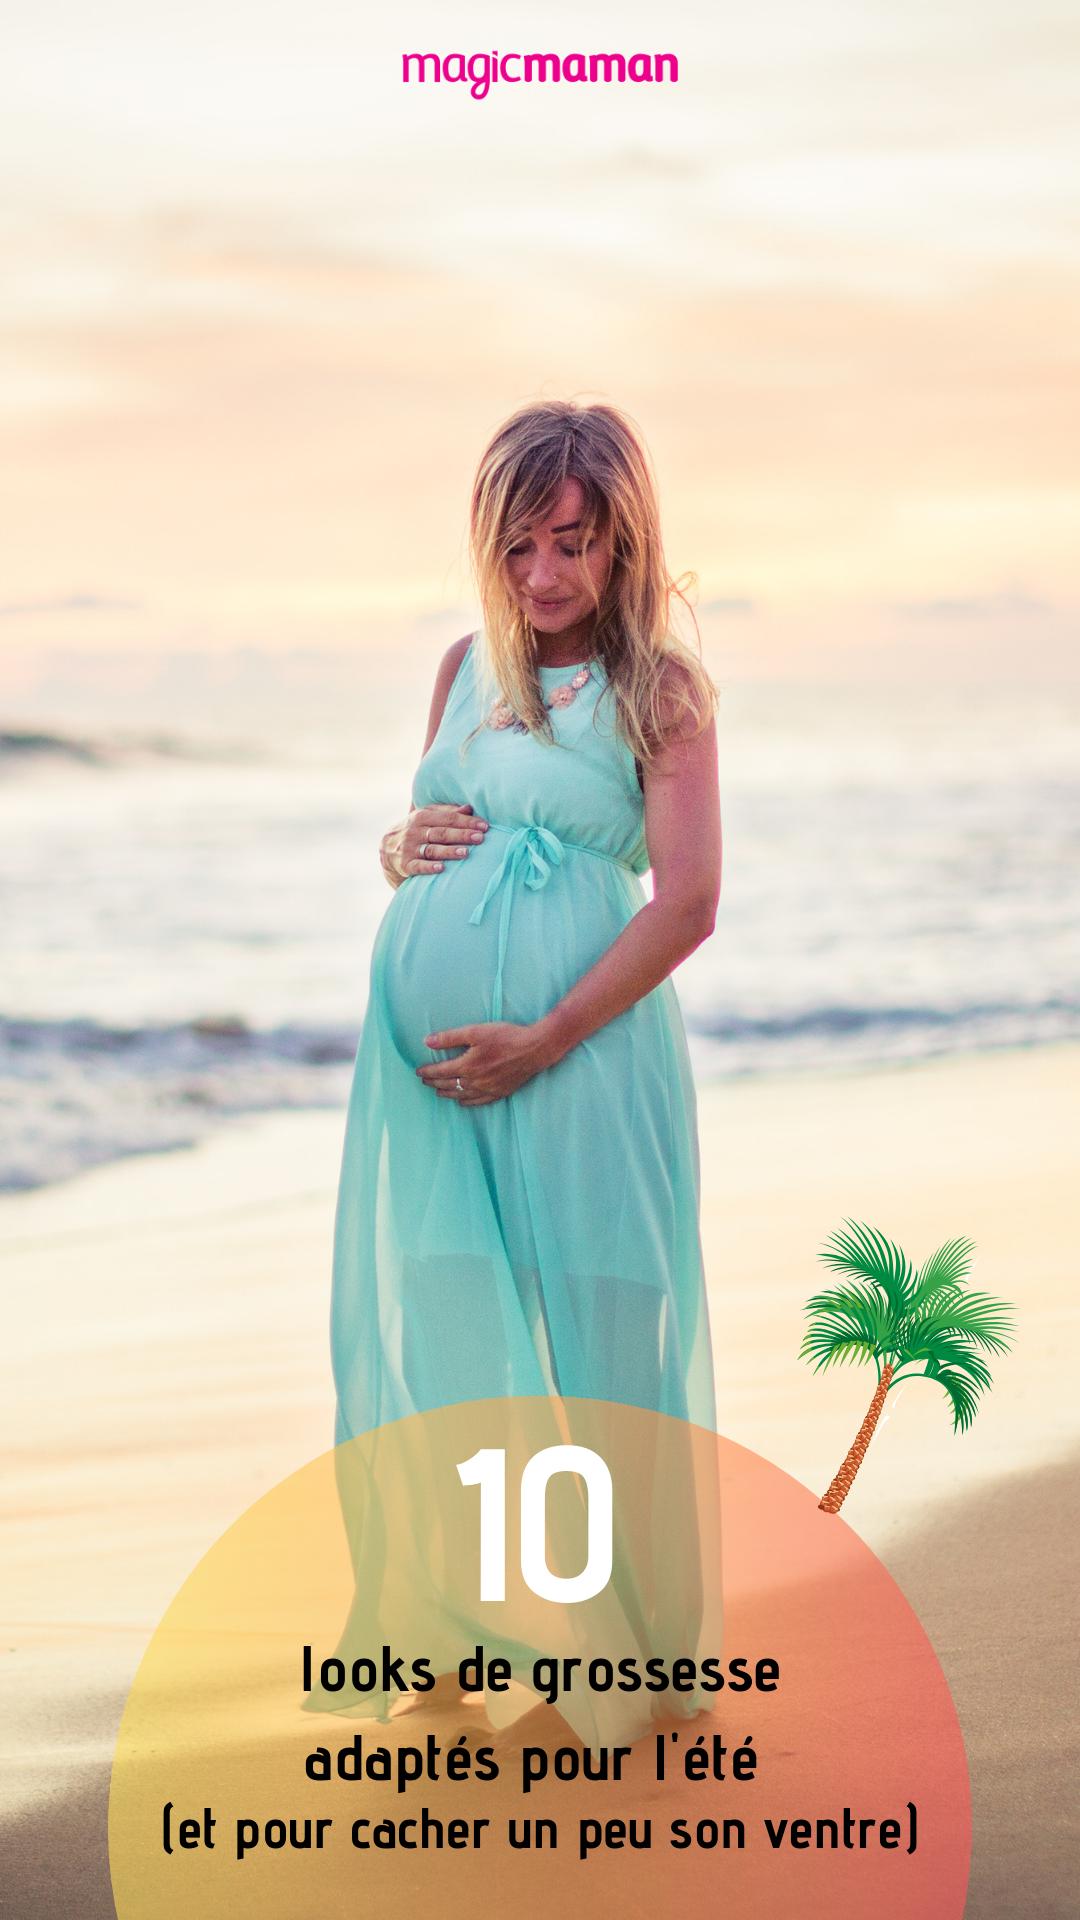 SHOPPING GROSSESSE. Comment shabiller lété (et quon veut cacher son ventre de femme enceinte) ?